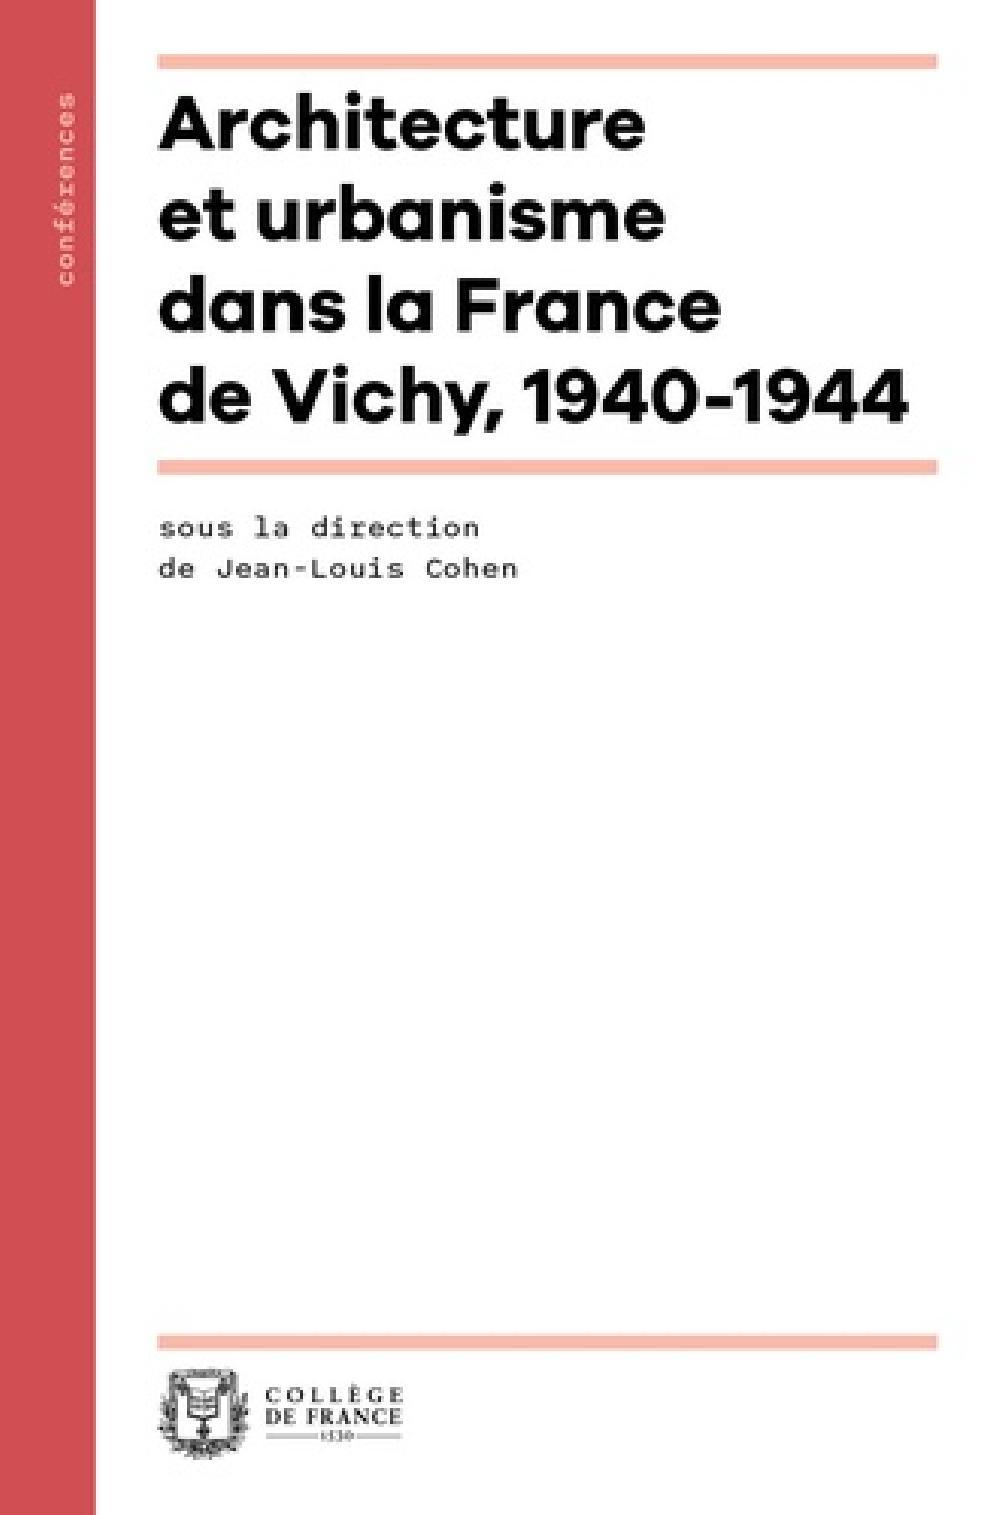 Architecture et urbanisme dans la France de Vichy, 1940-1944